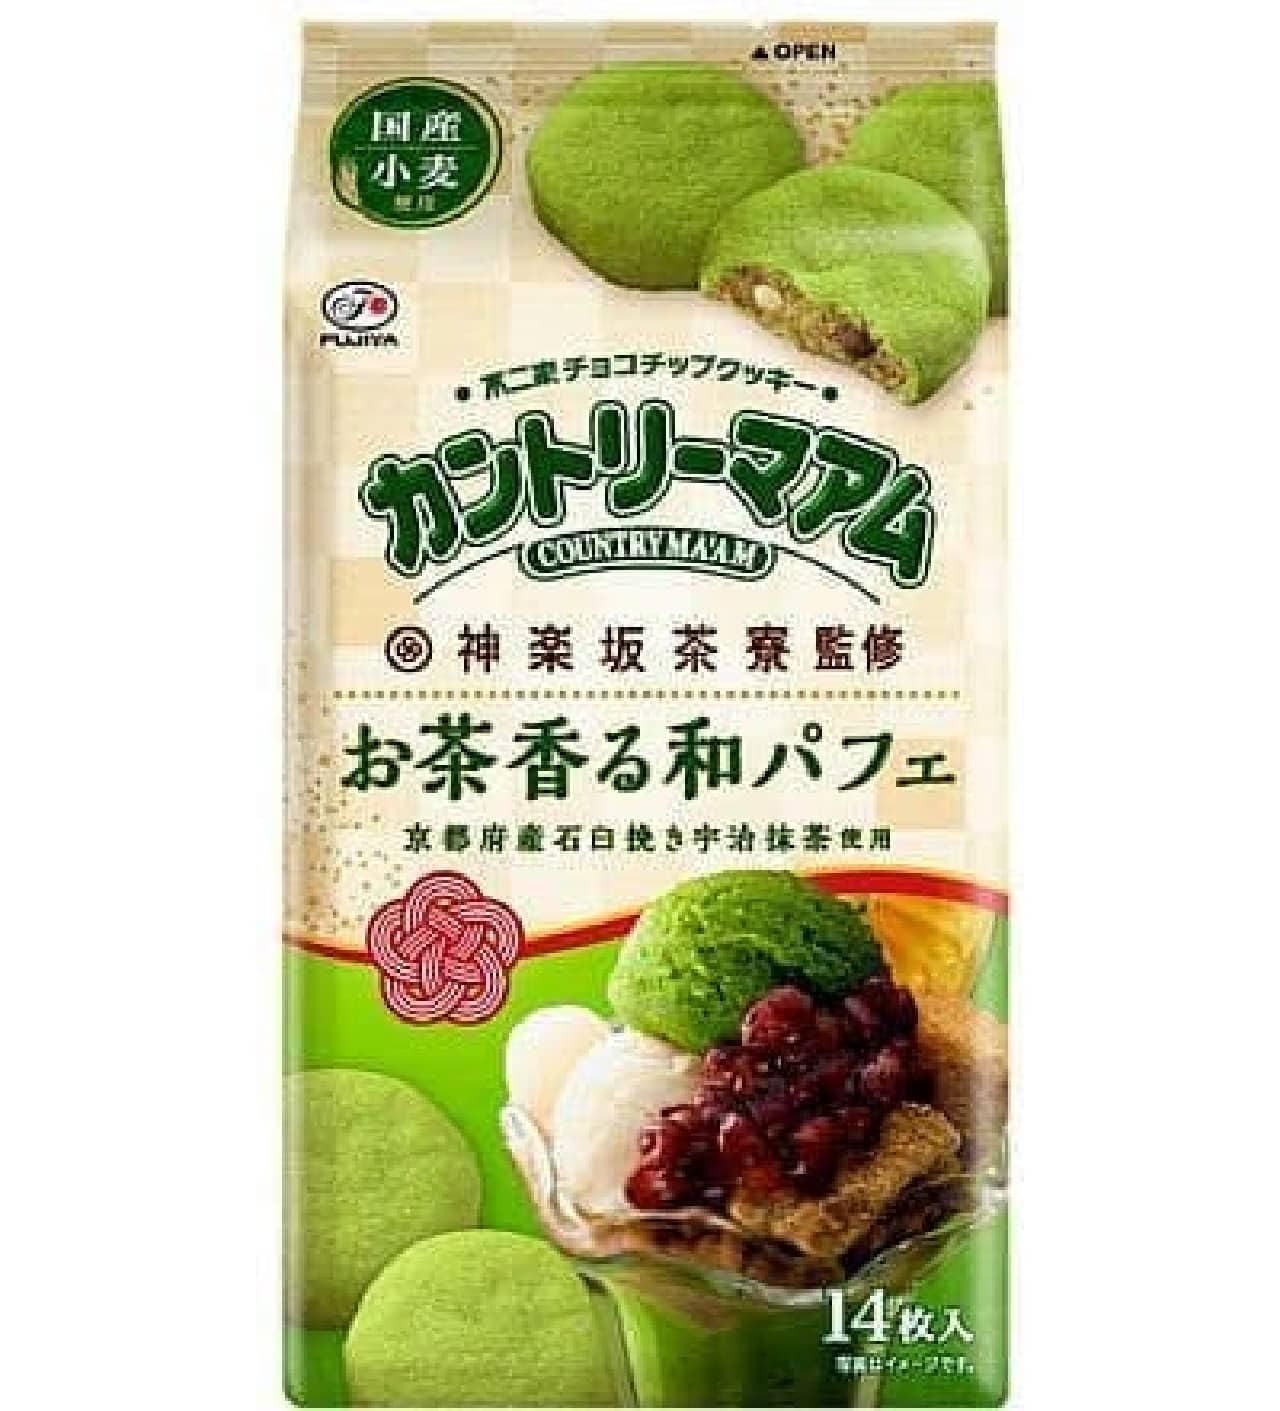 カントリーマアム(神楽坂茶寮監修 お茶香る和パフェ)